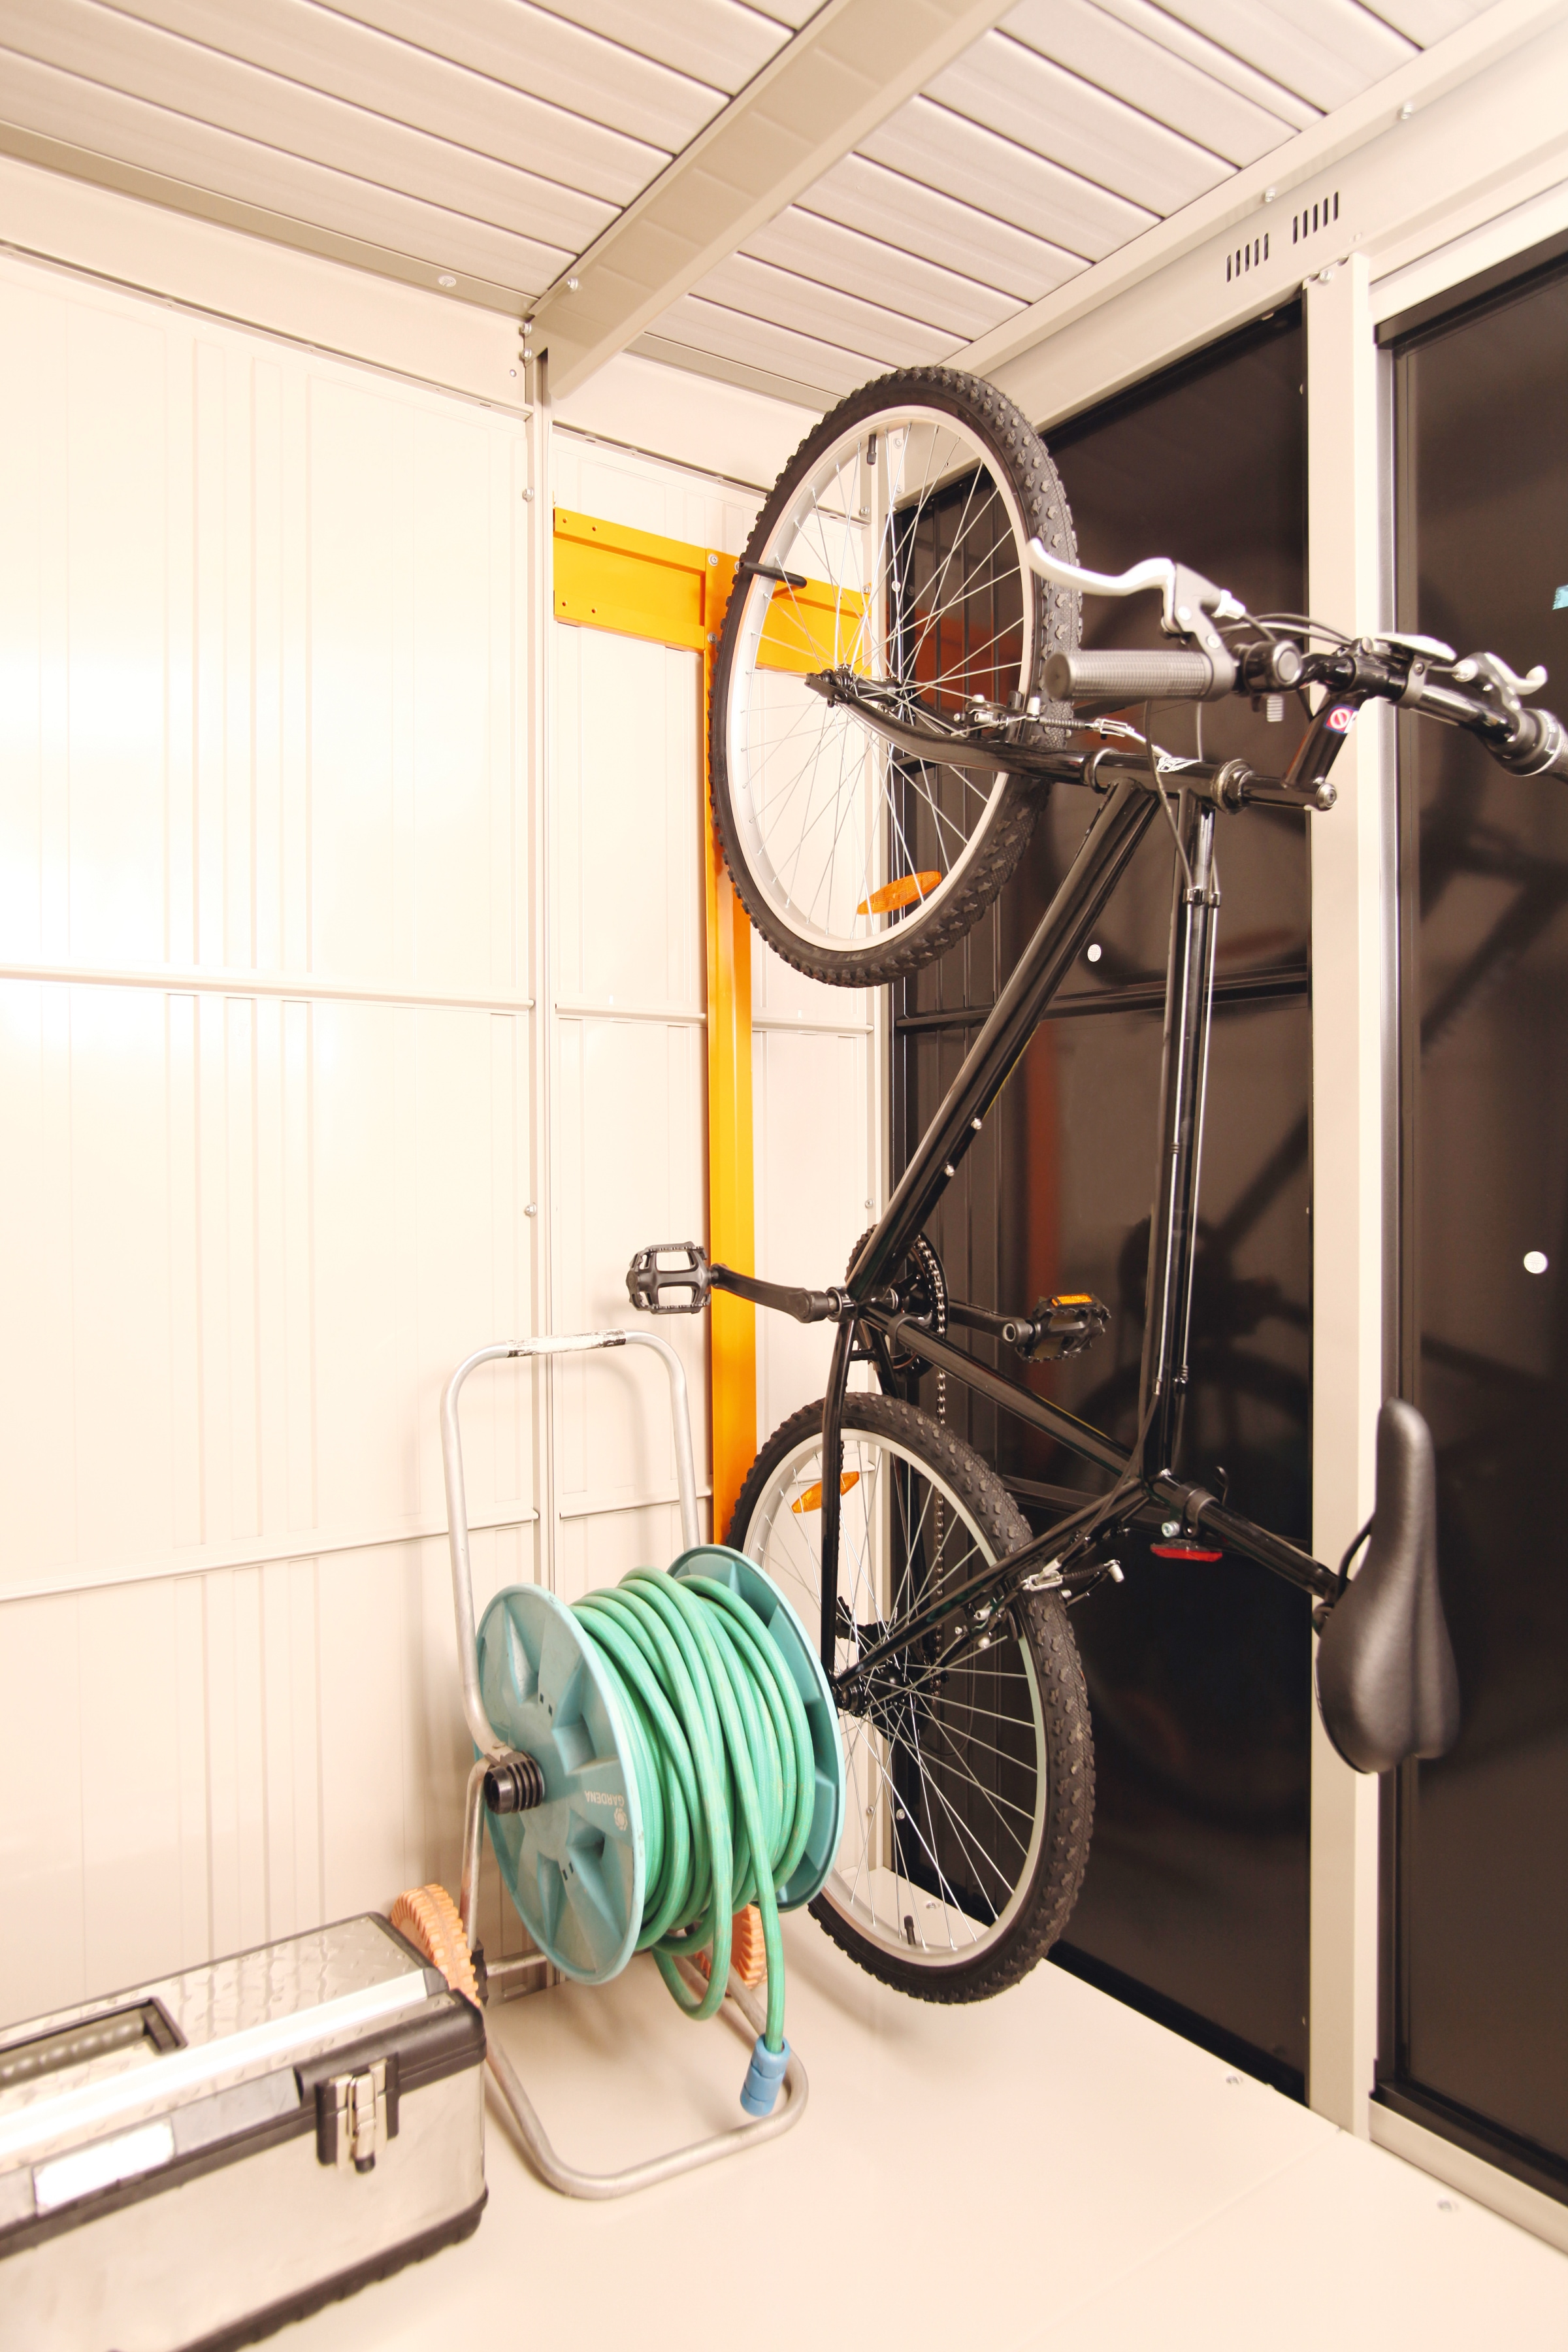 Wolff Fahrradhalter, für Stahlgerätehaus Yokohama, Sapporo 2219 und Nagoya orange Fahrradhalter